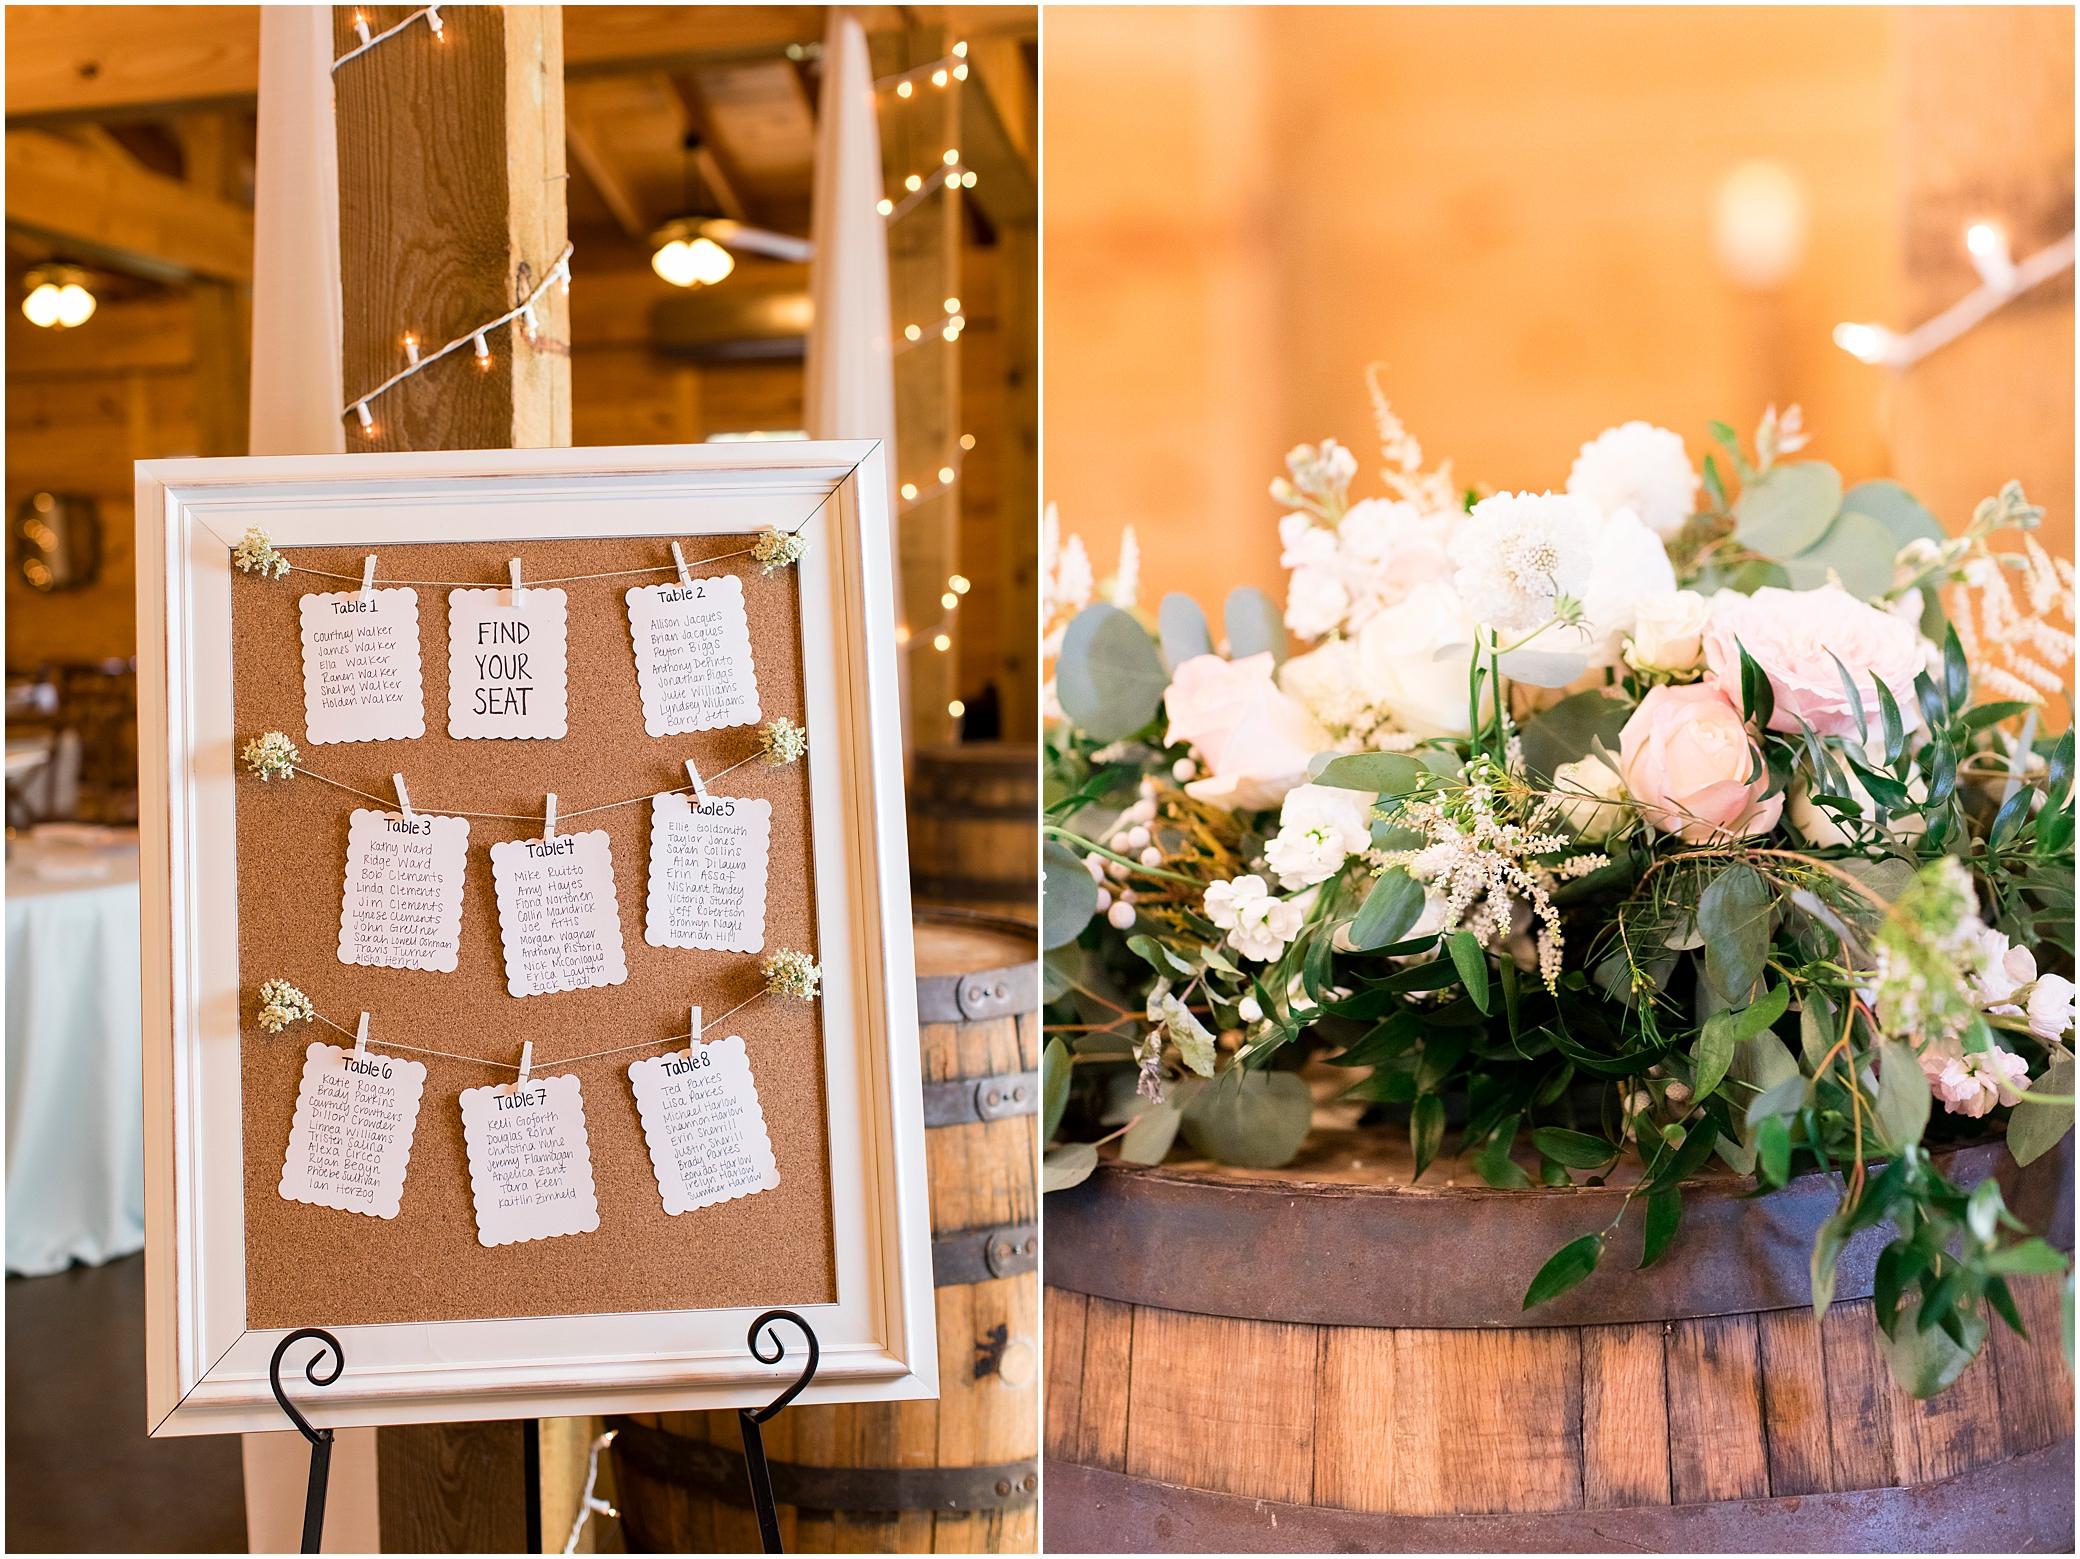 wedding reception decor at sierra vista wedding, bloom by doyle's